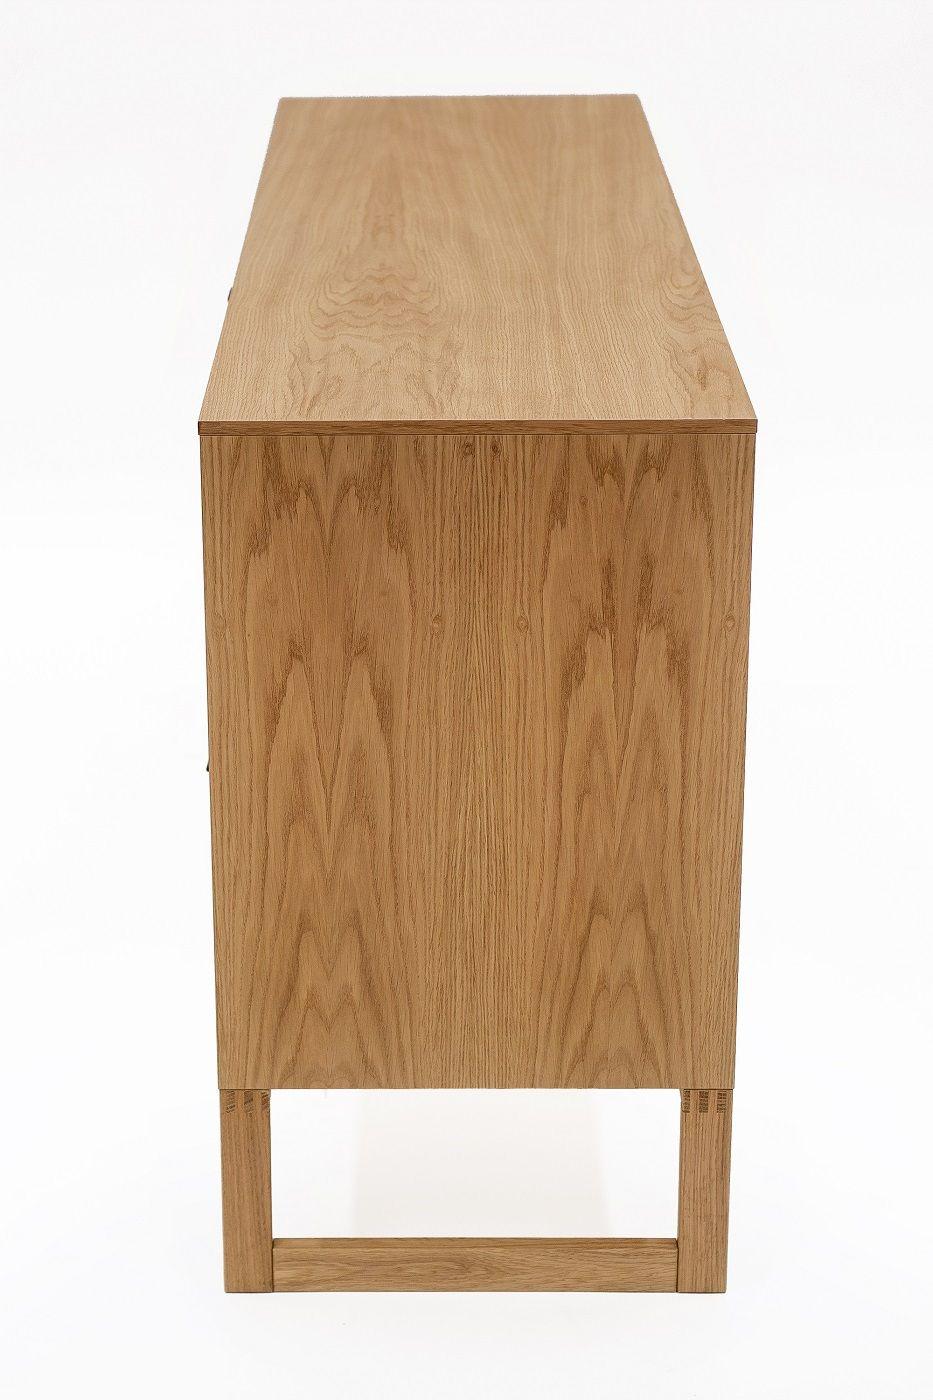 Woodman - Slussen Skænk - Lys træ - Skænk i lyst træ